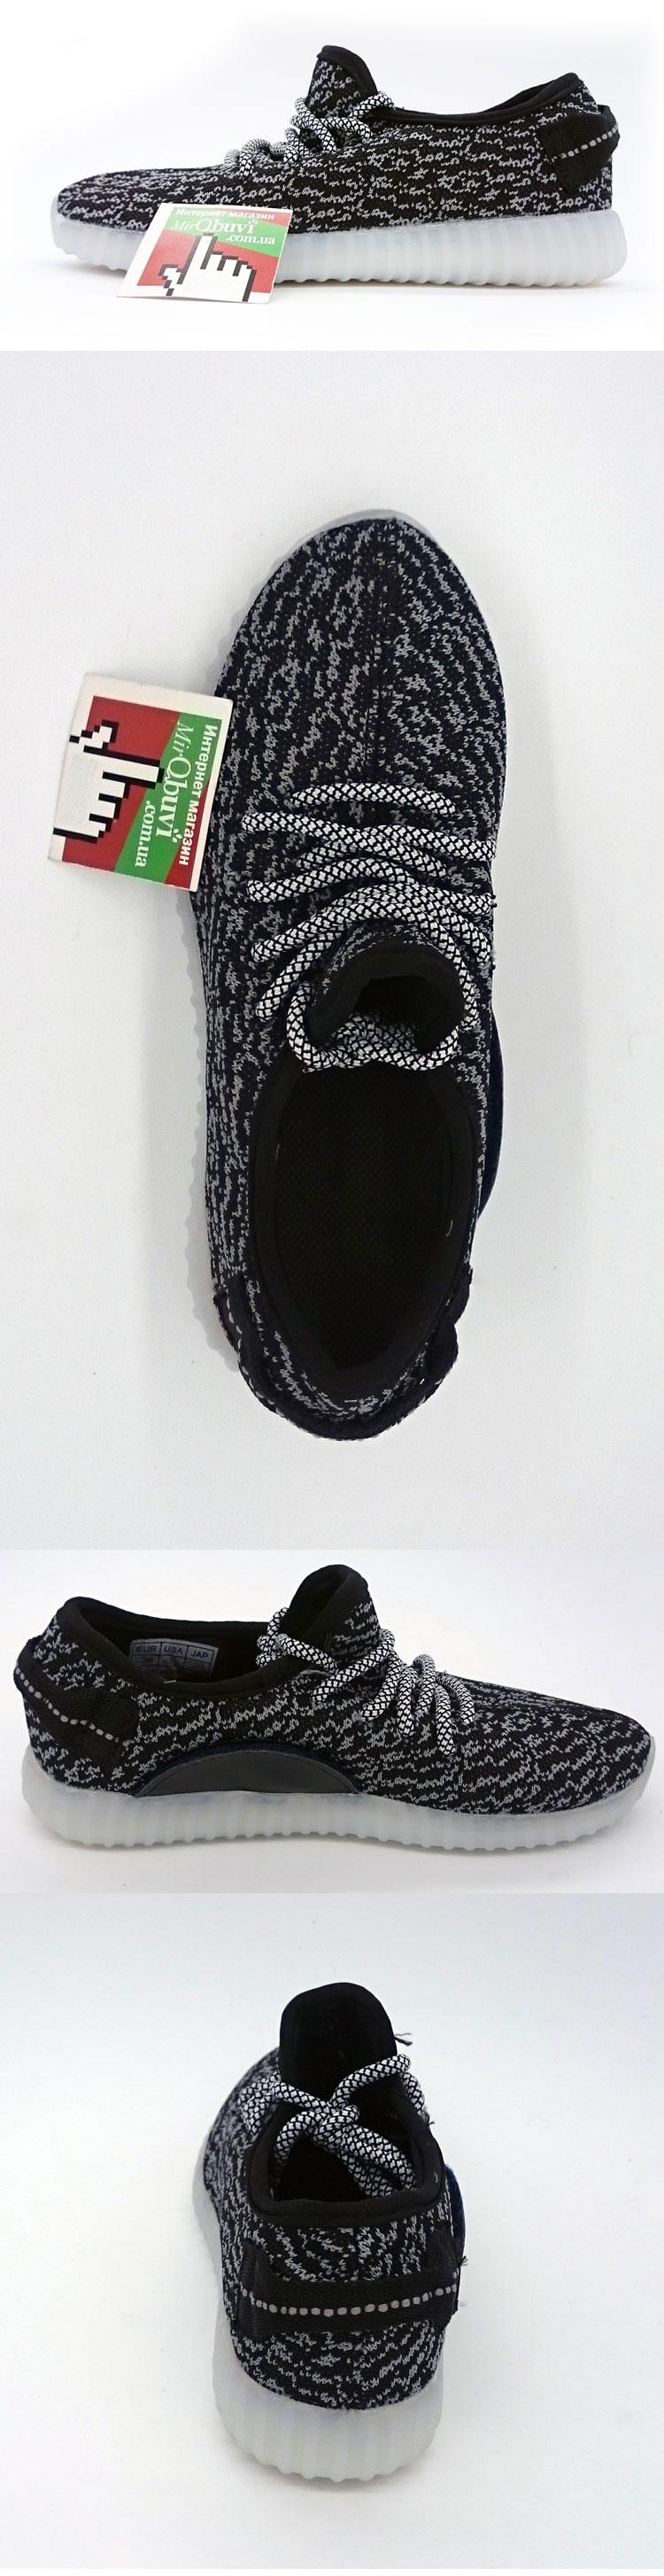 большое фото №5 Светящиеся кроссовки Yeezy черные LED